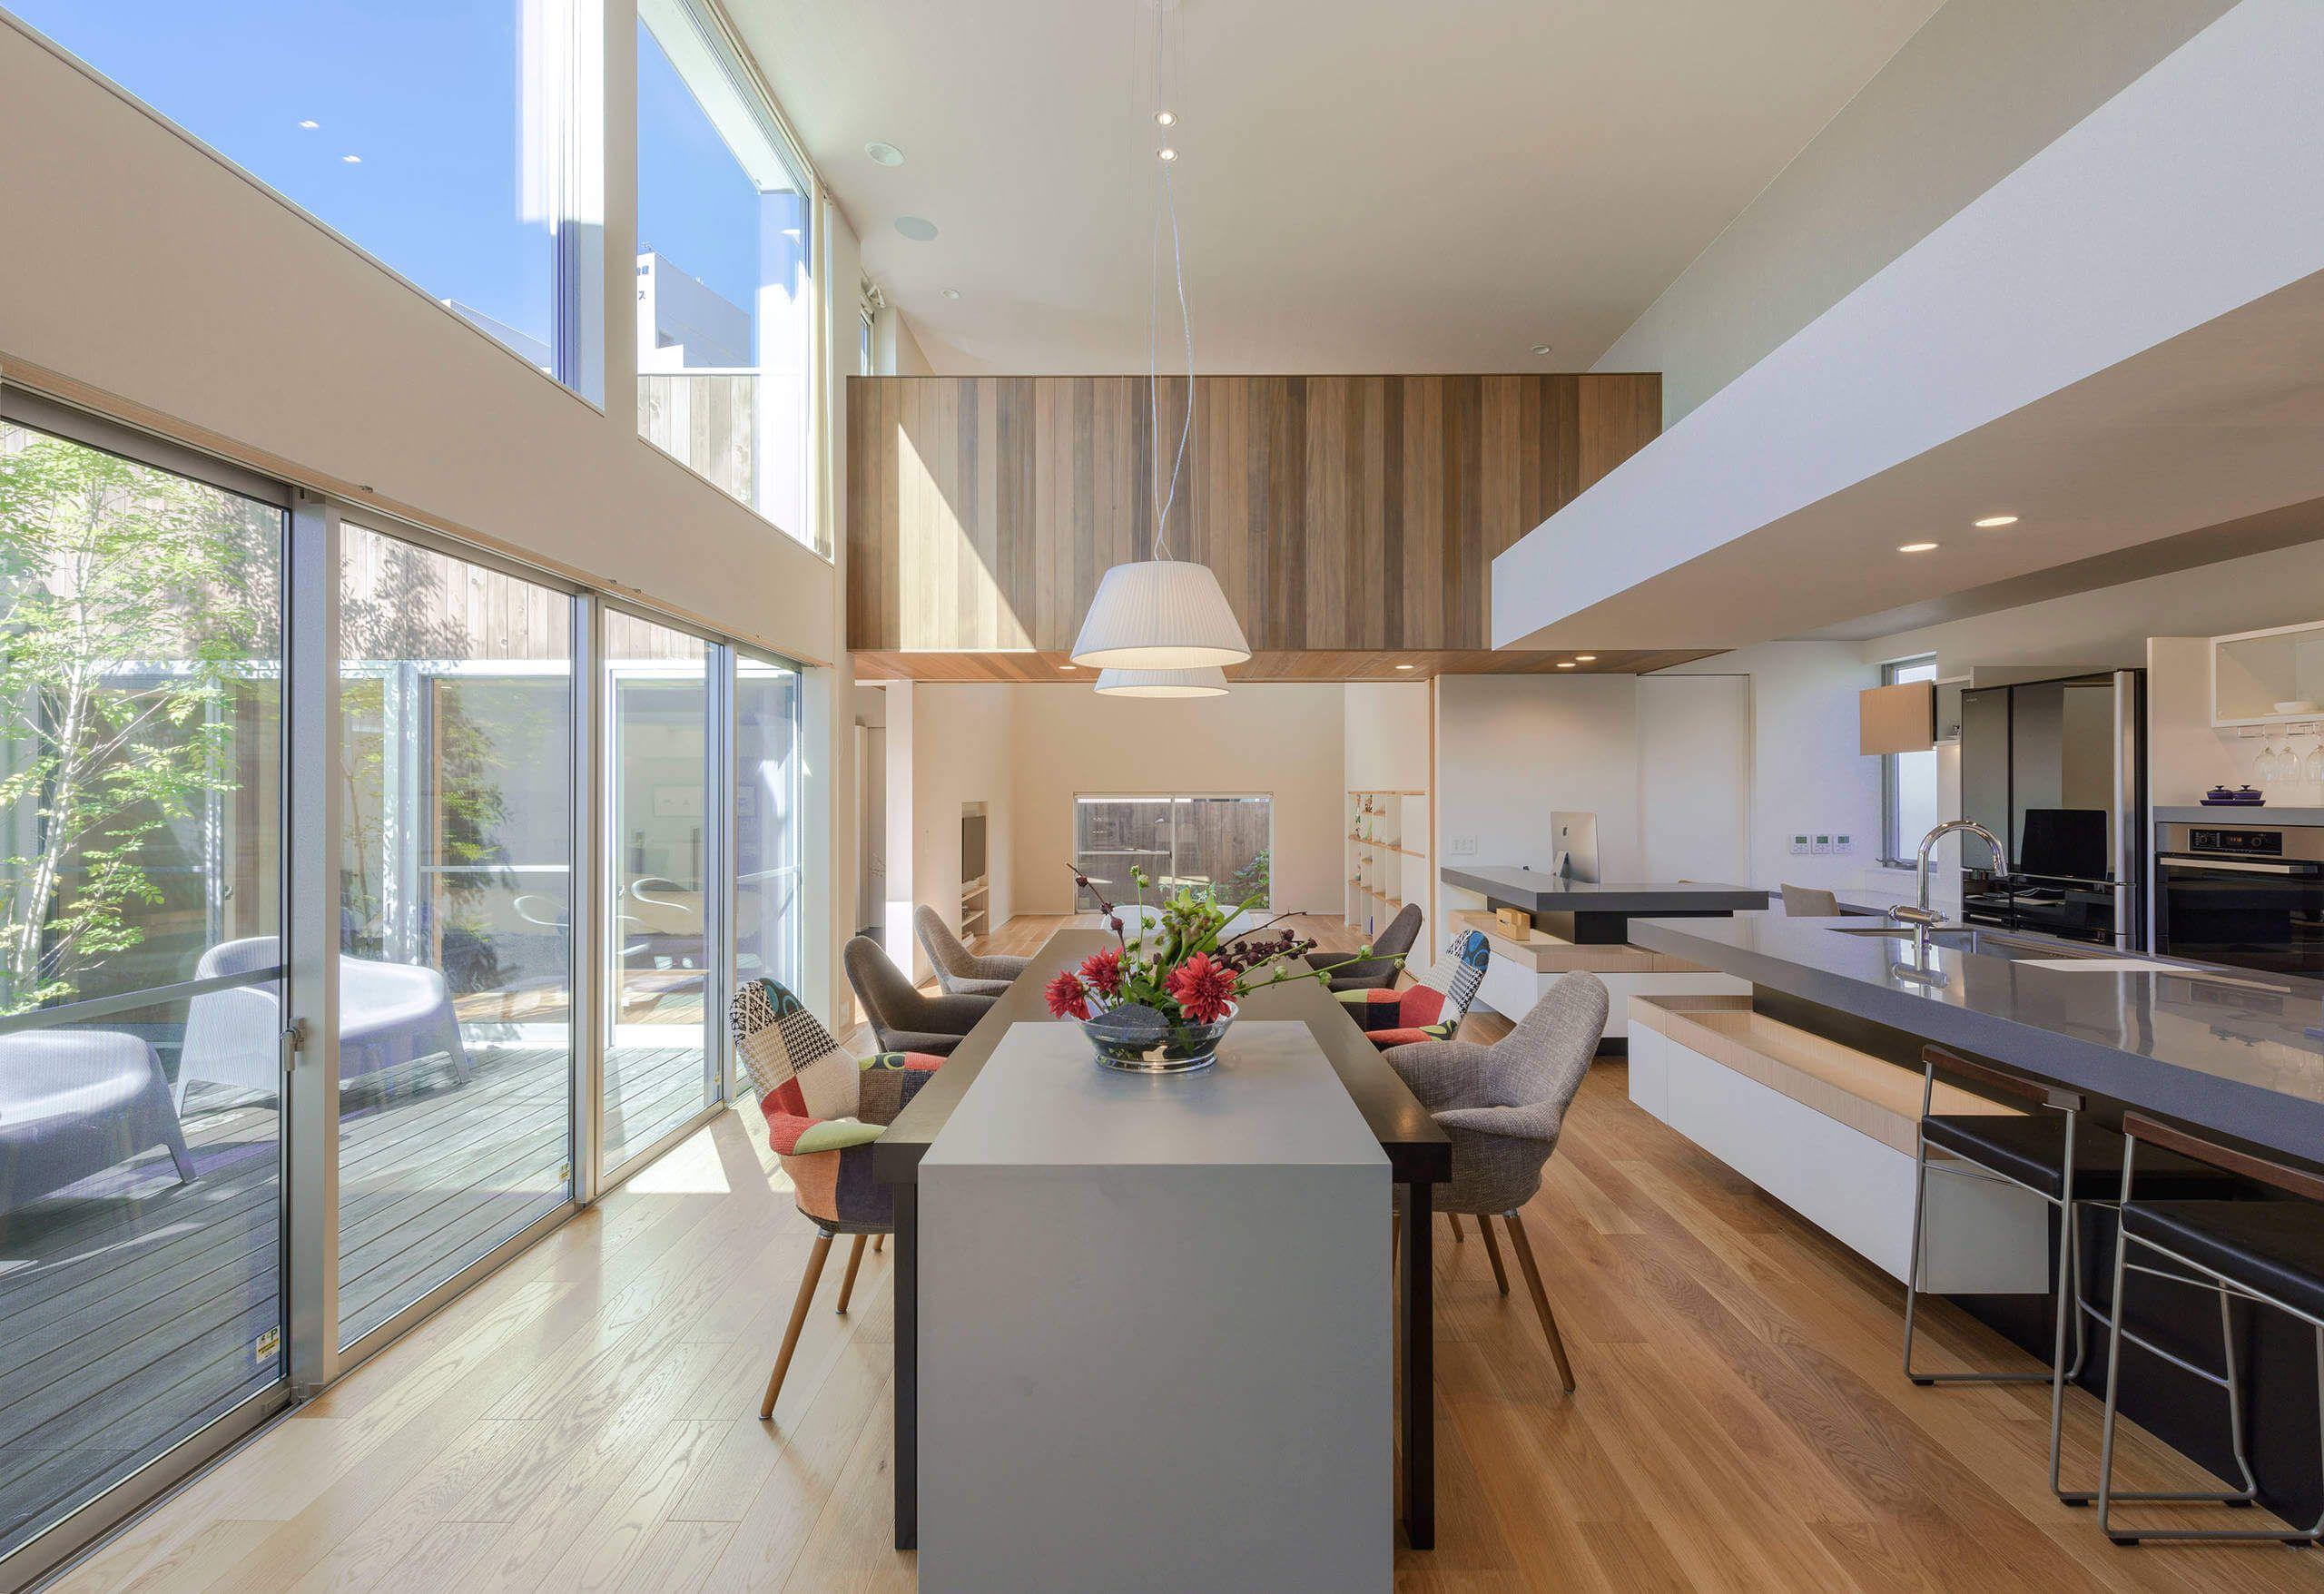 Offene Küche, Glas Große Fensterfront, Tischgruppe